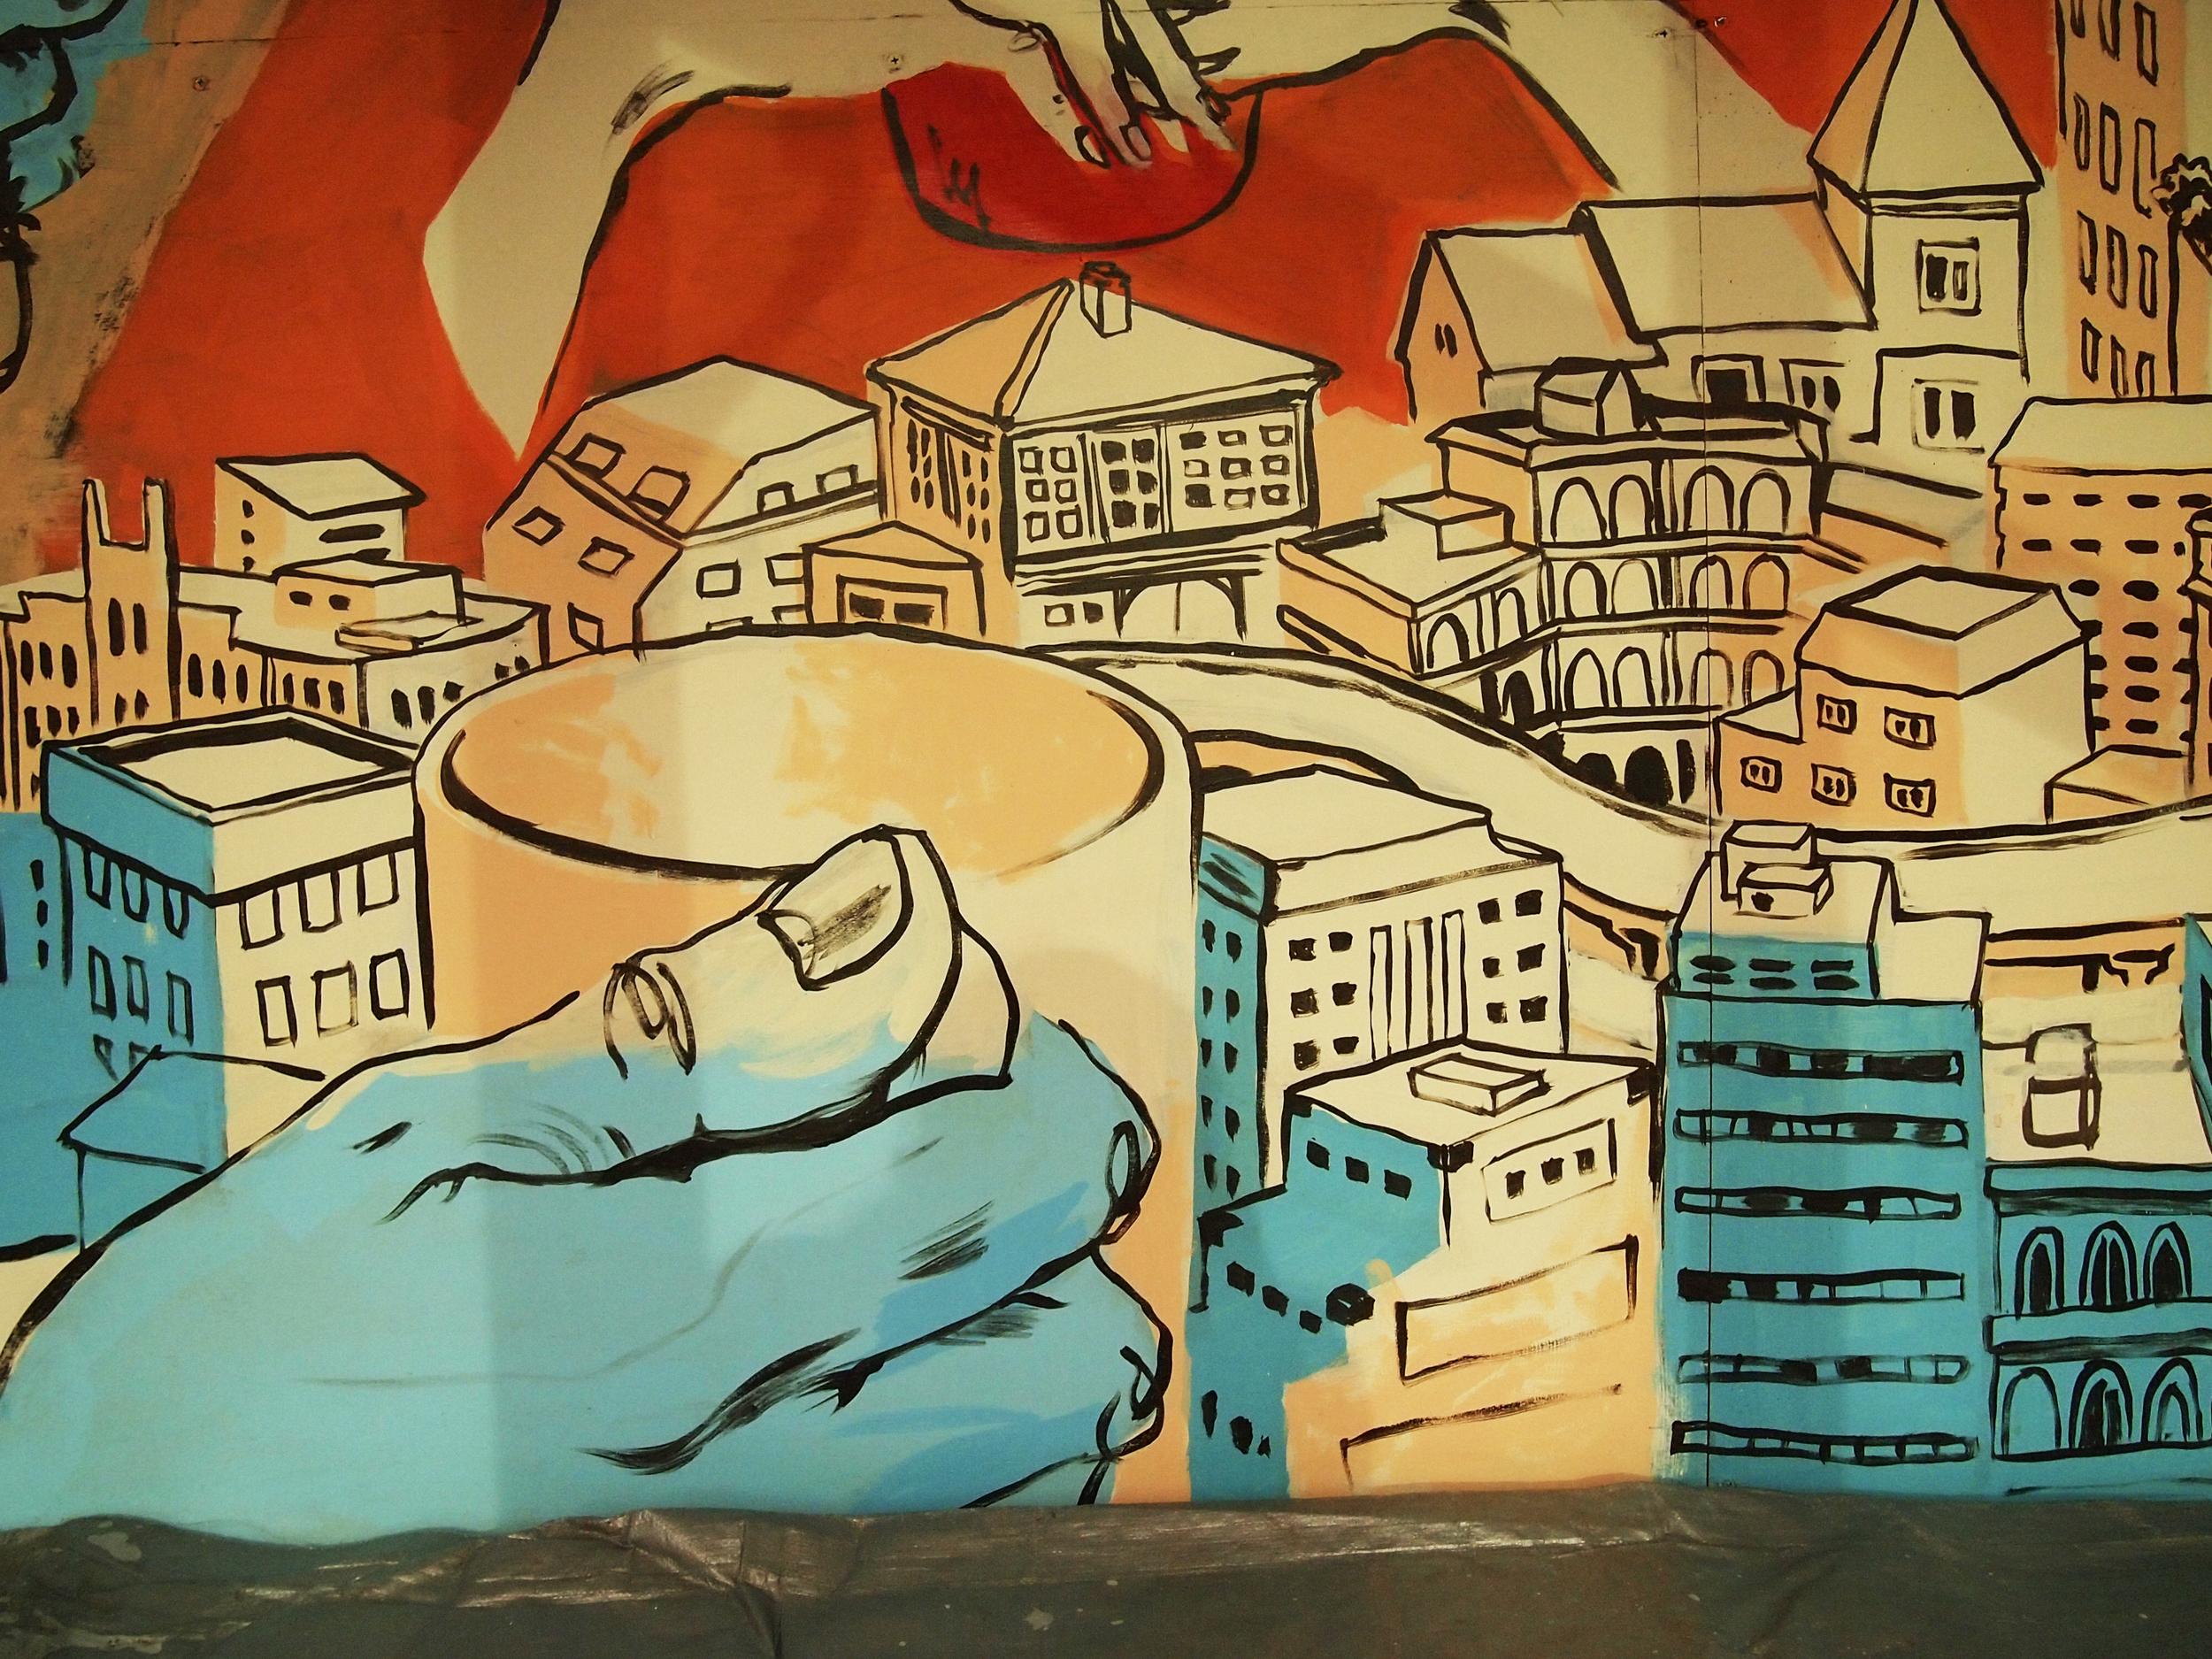 mural_detail.jpg